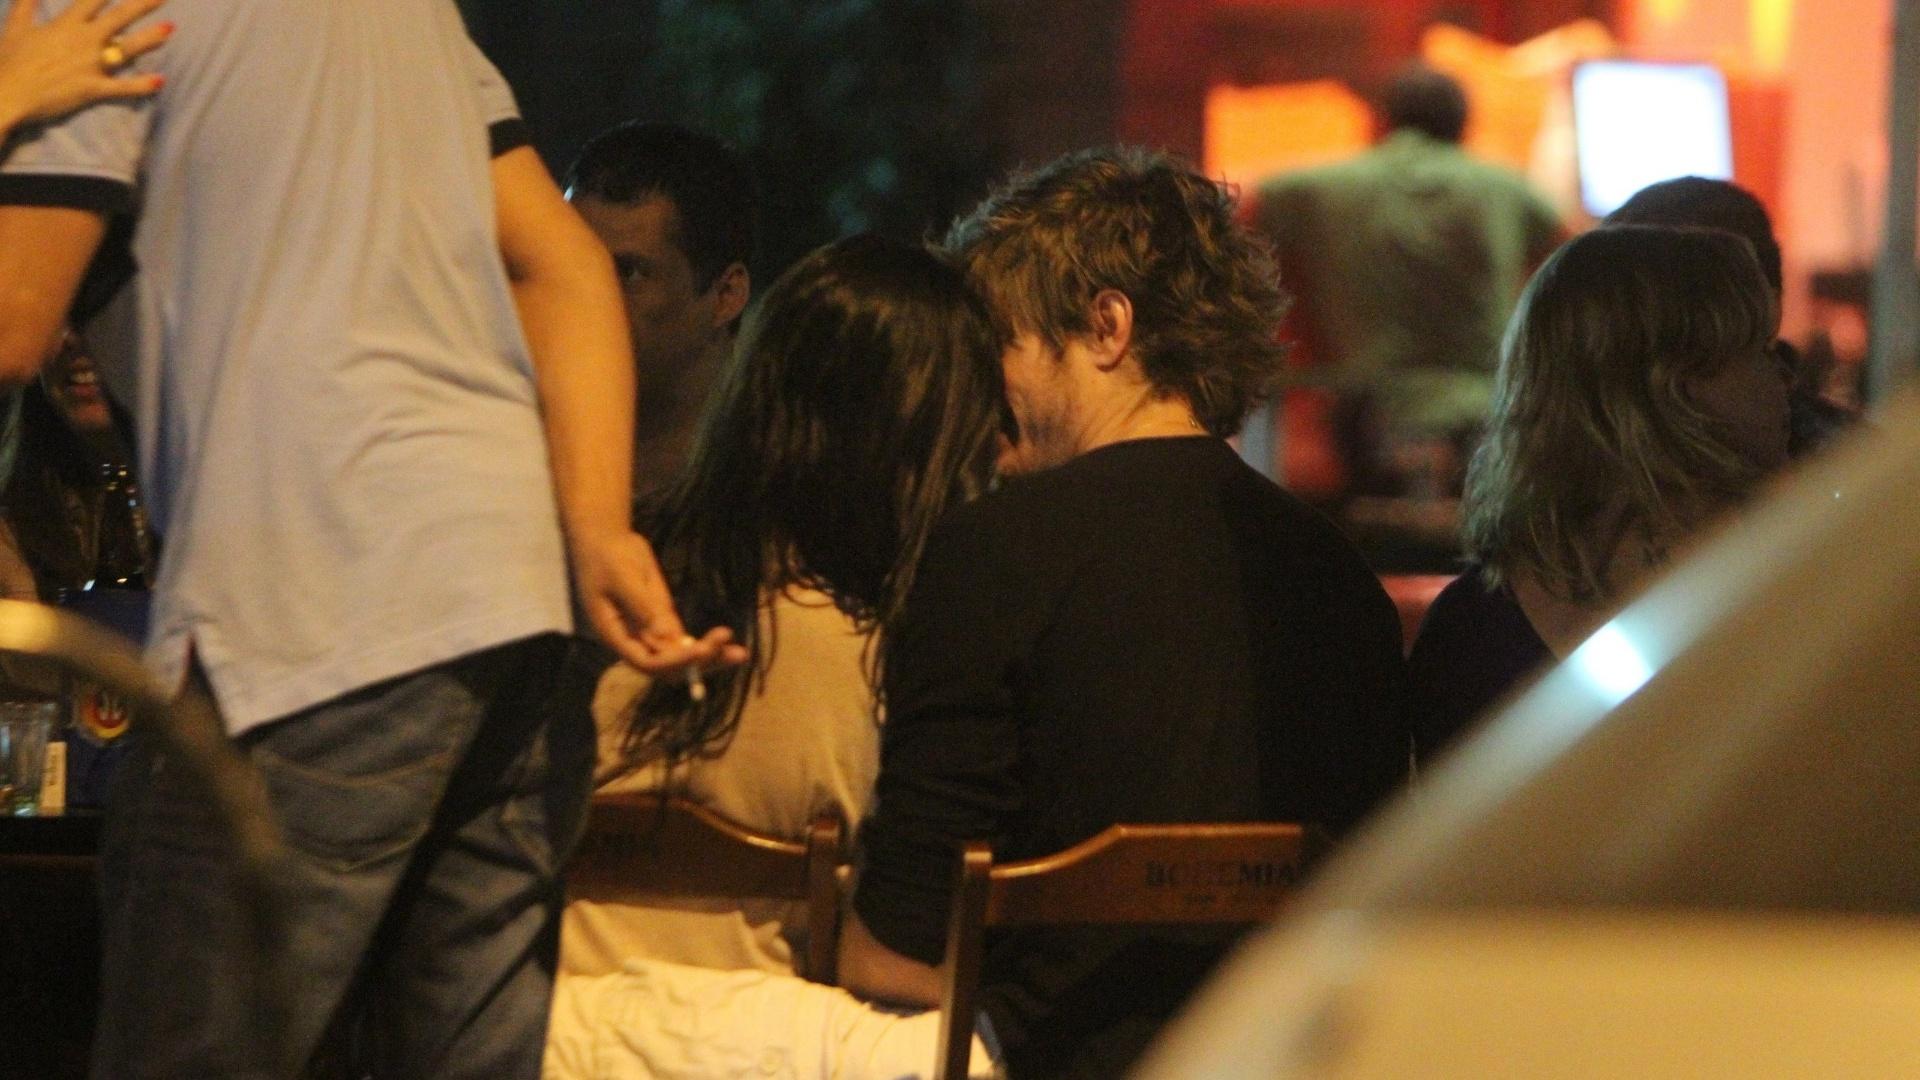 Isis Valverde troca beijos com o novo namorado (25/10/2011)